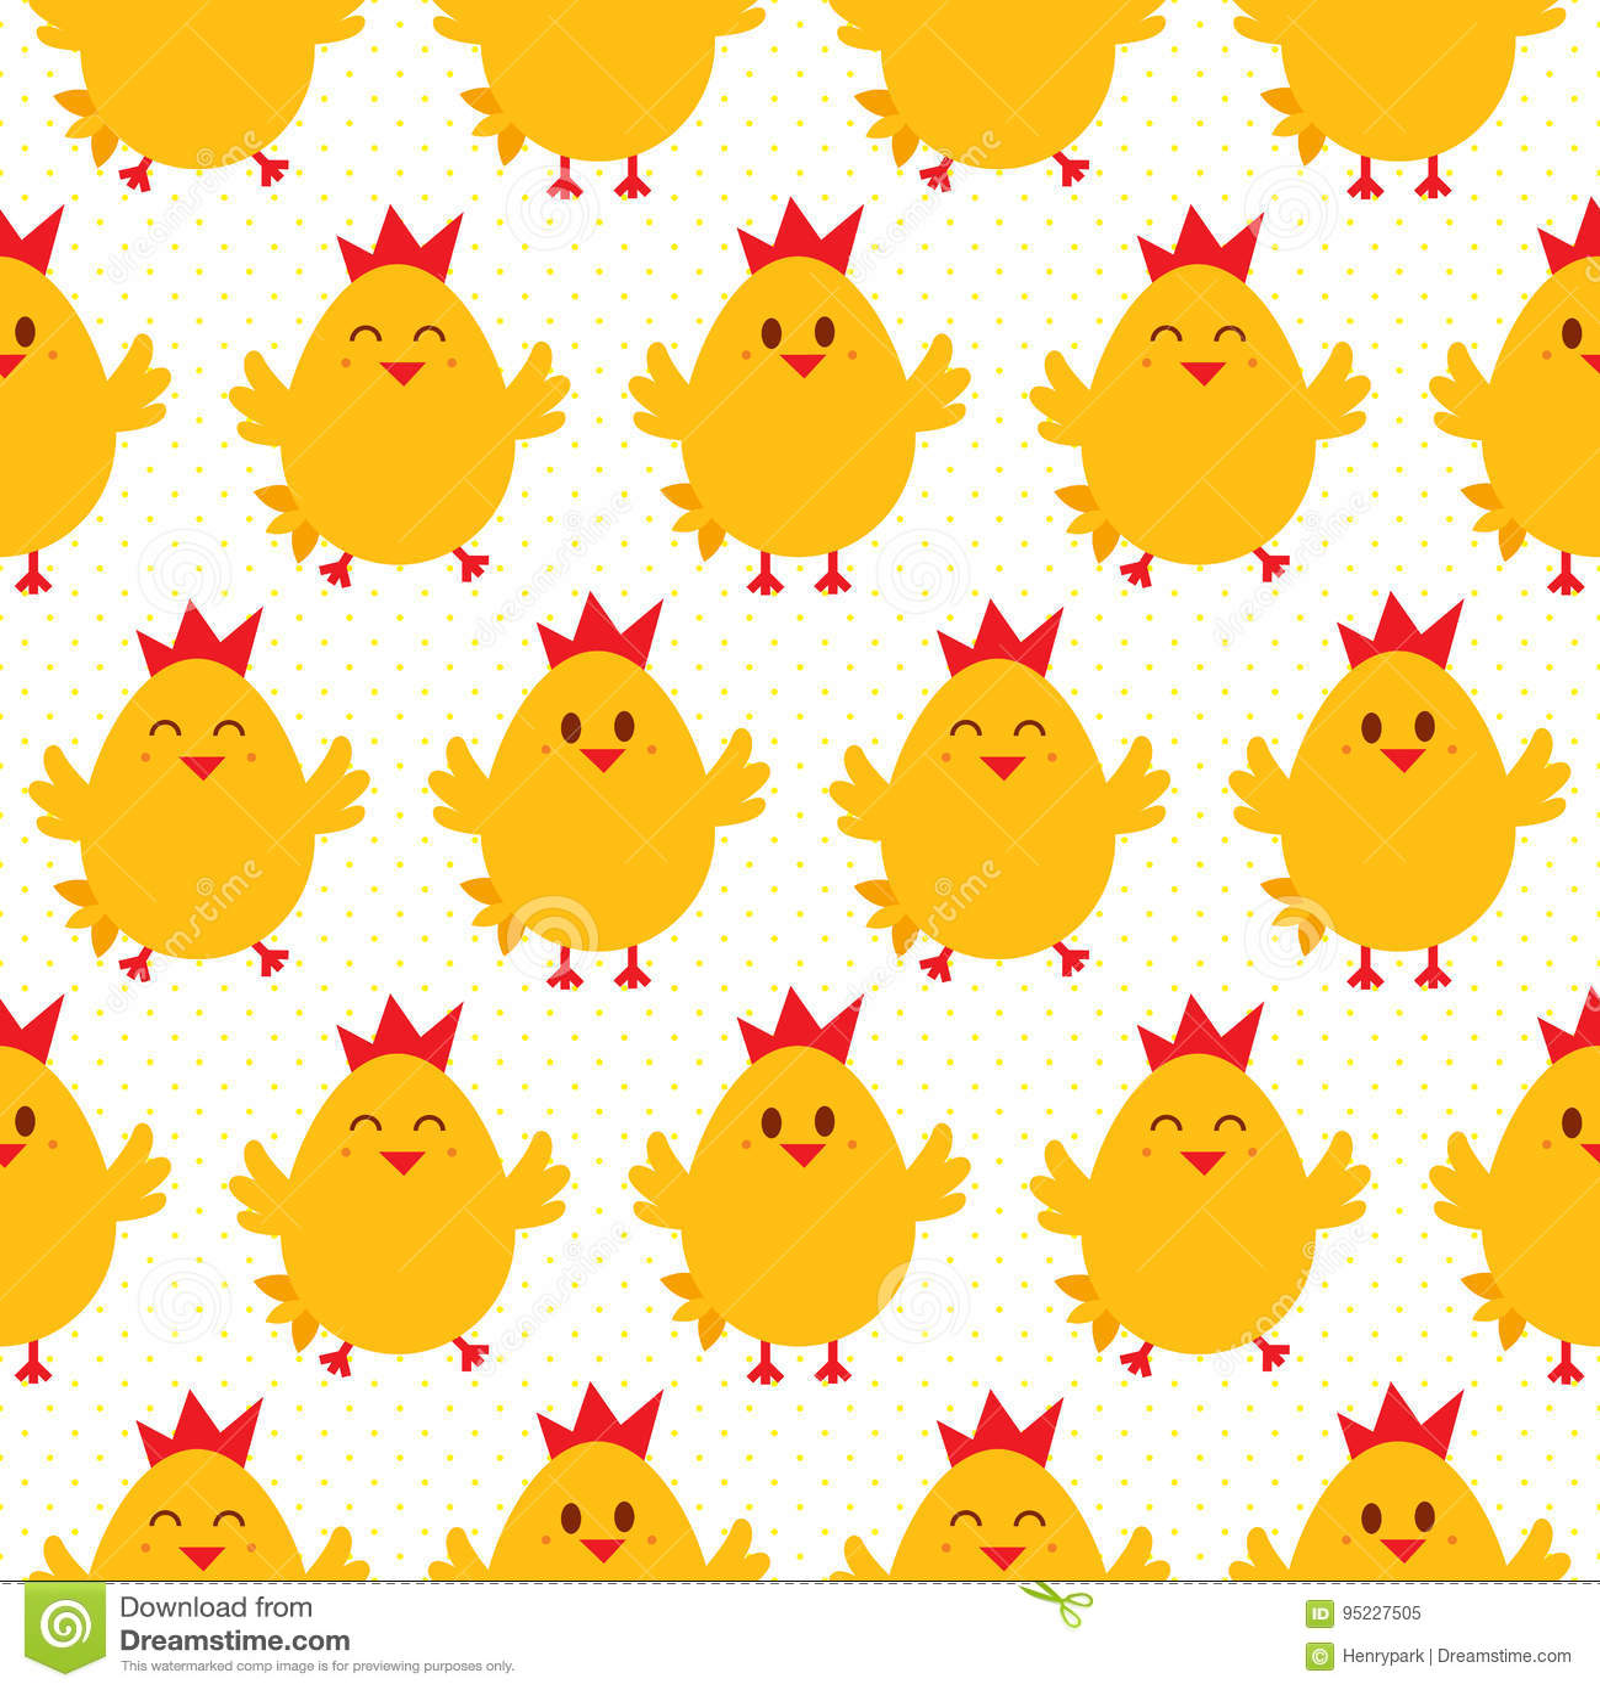 Chicken seamless